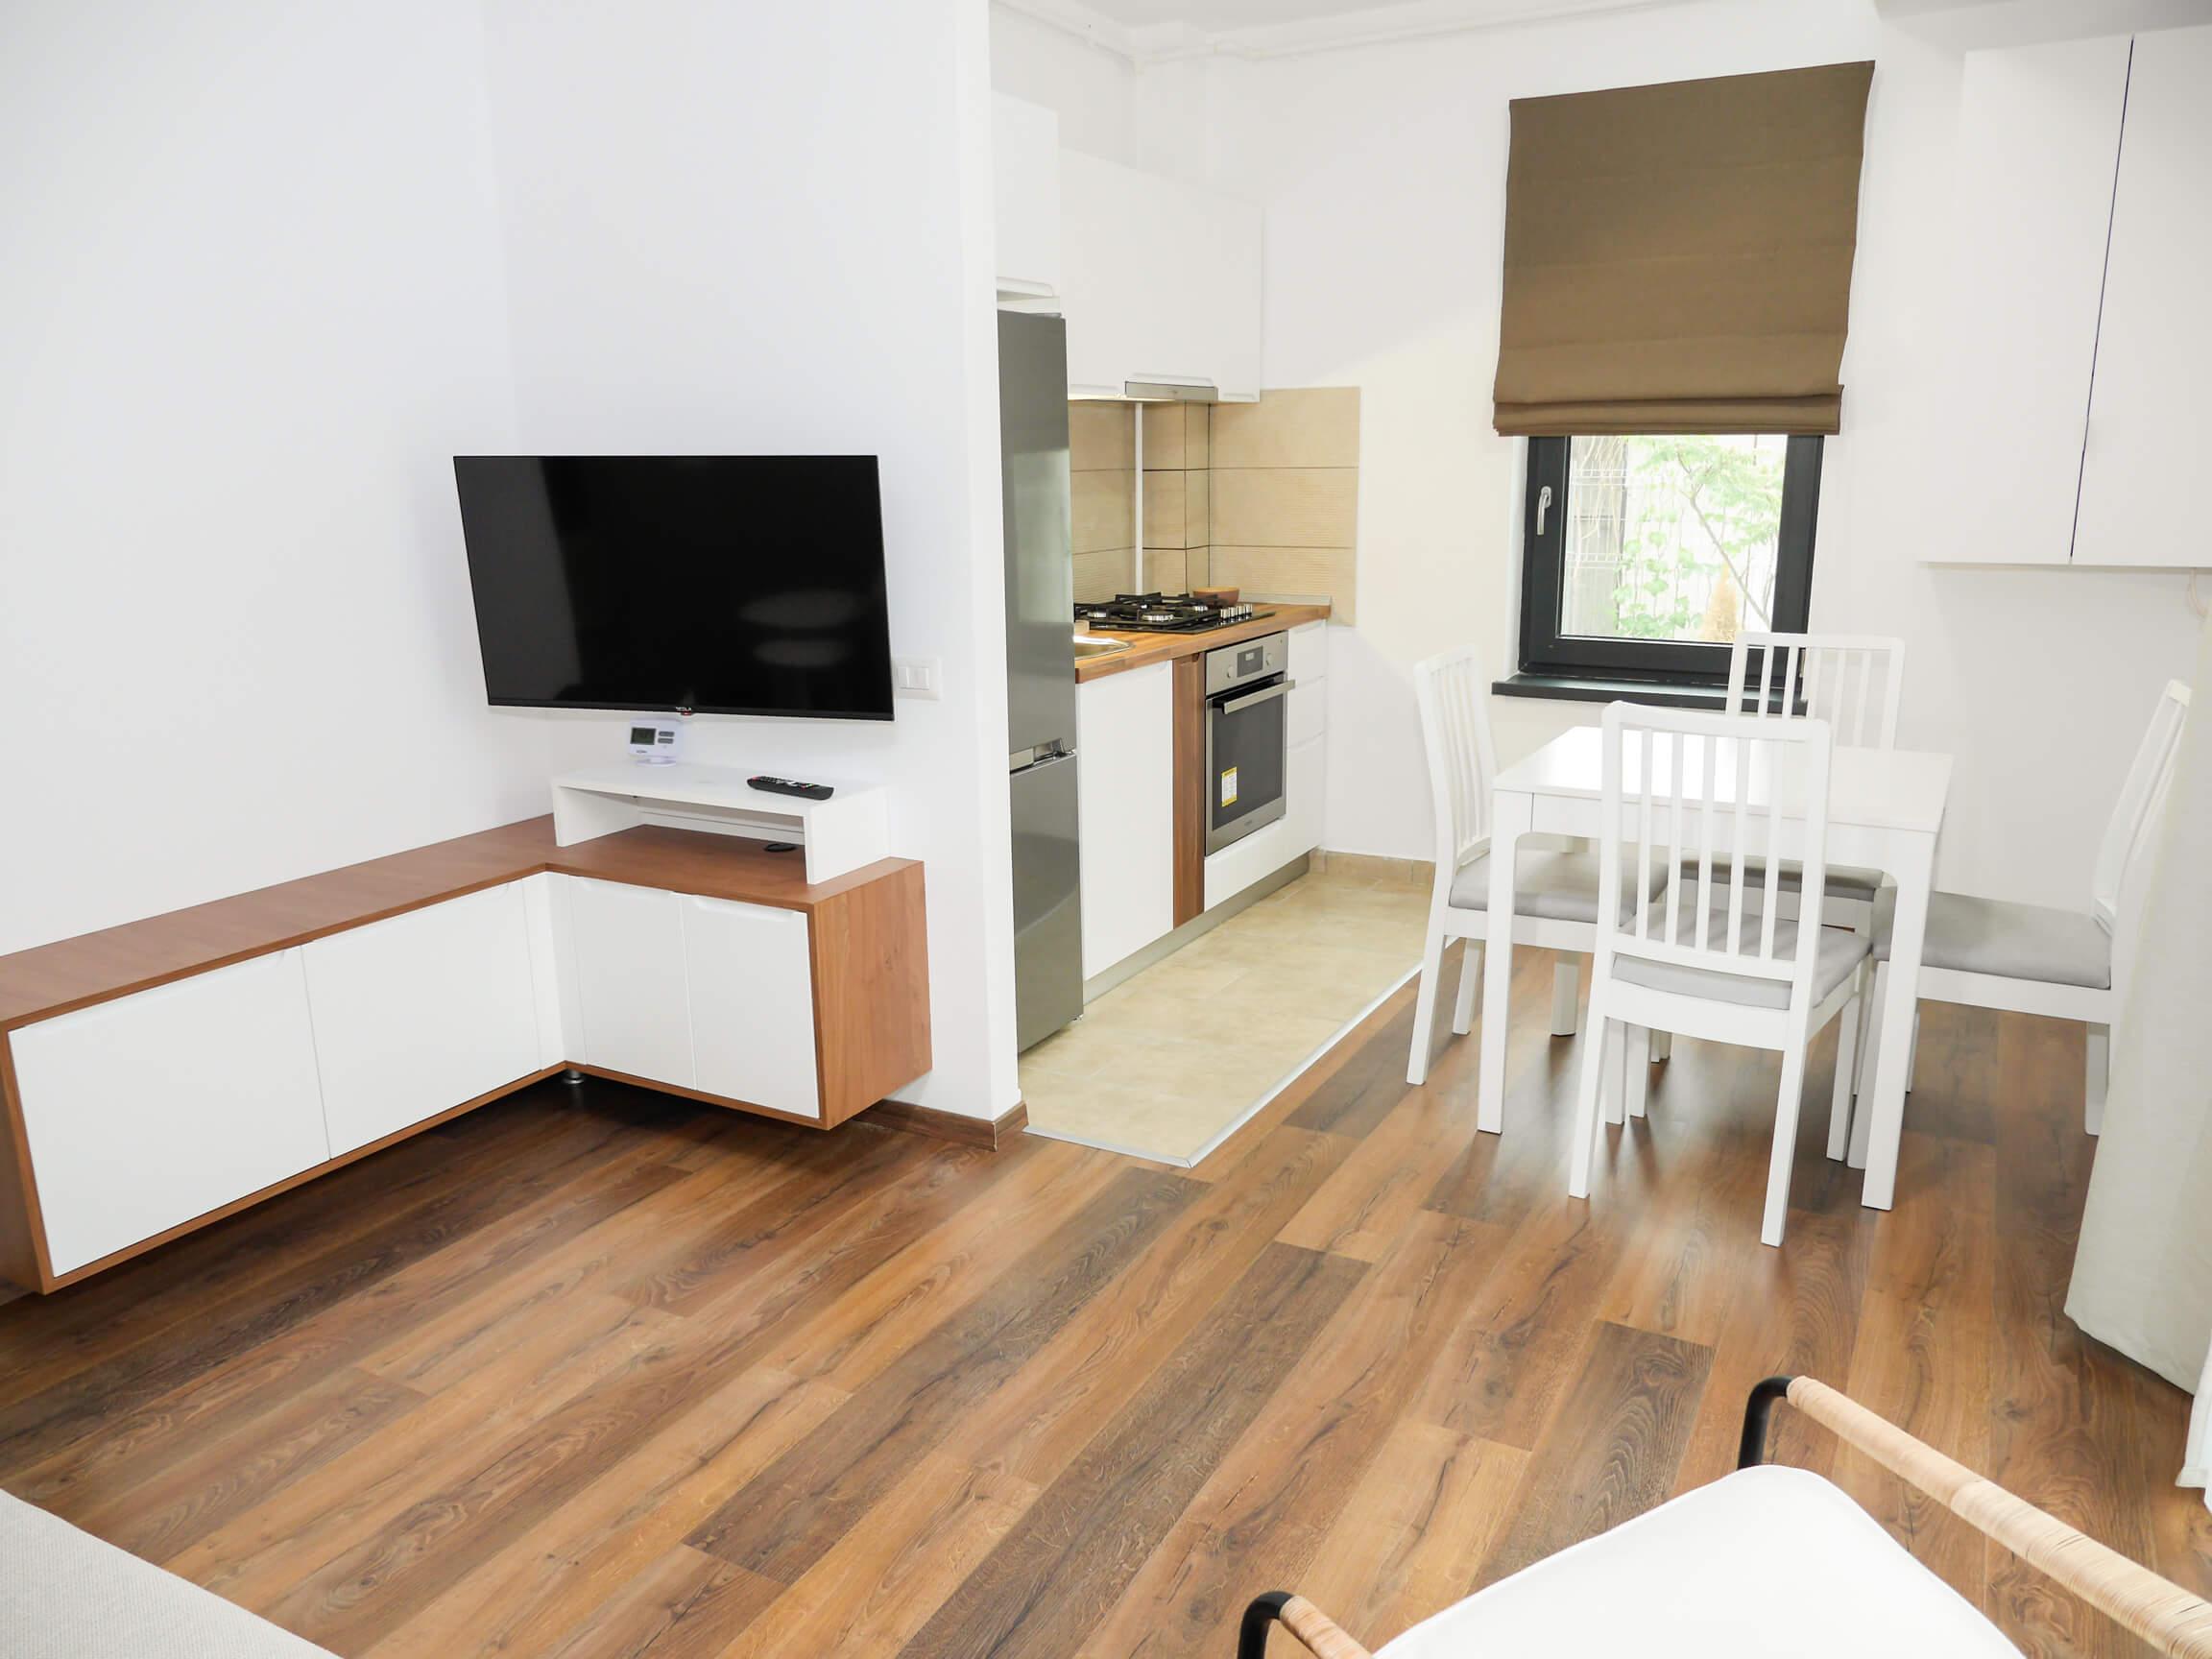 Clement Apartments - apartamente de inchiriat in regim hotelier - cazare neamt - cazare piatra neamt (3) - apartament 3